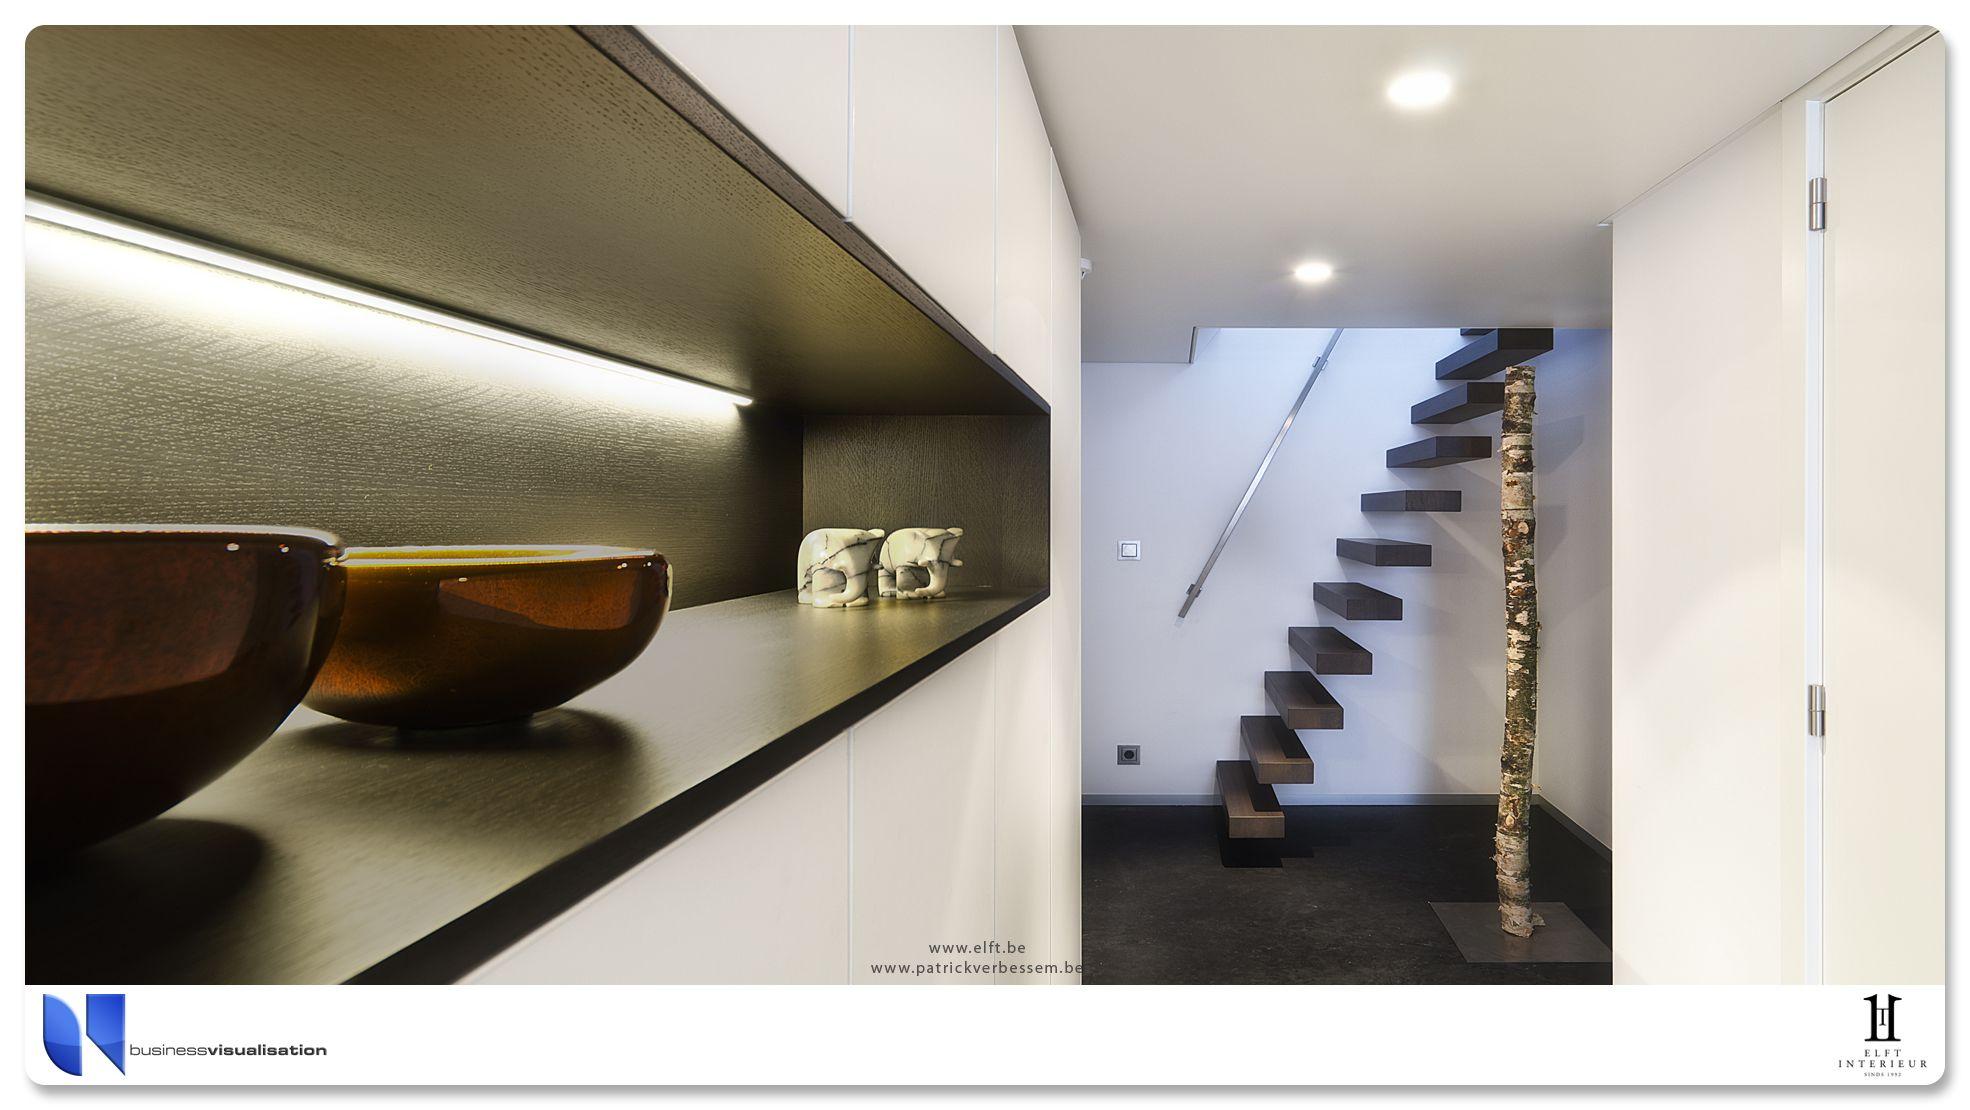 Mooi interieur op binnenvaart schip met zwevende trap en veel